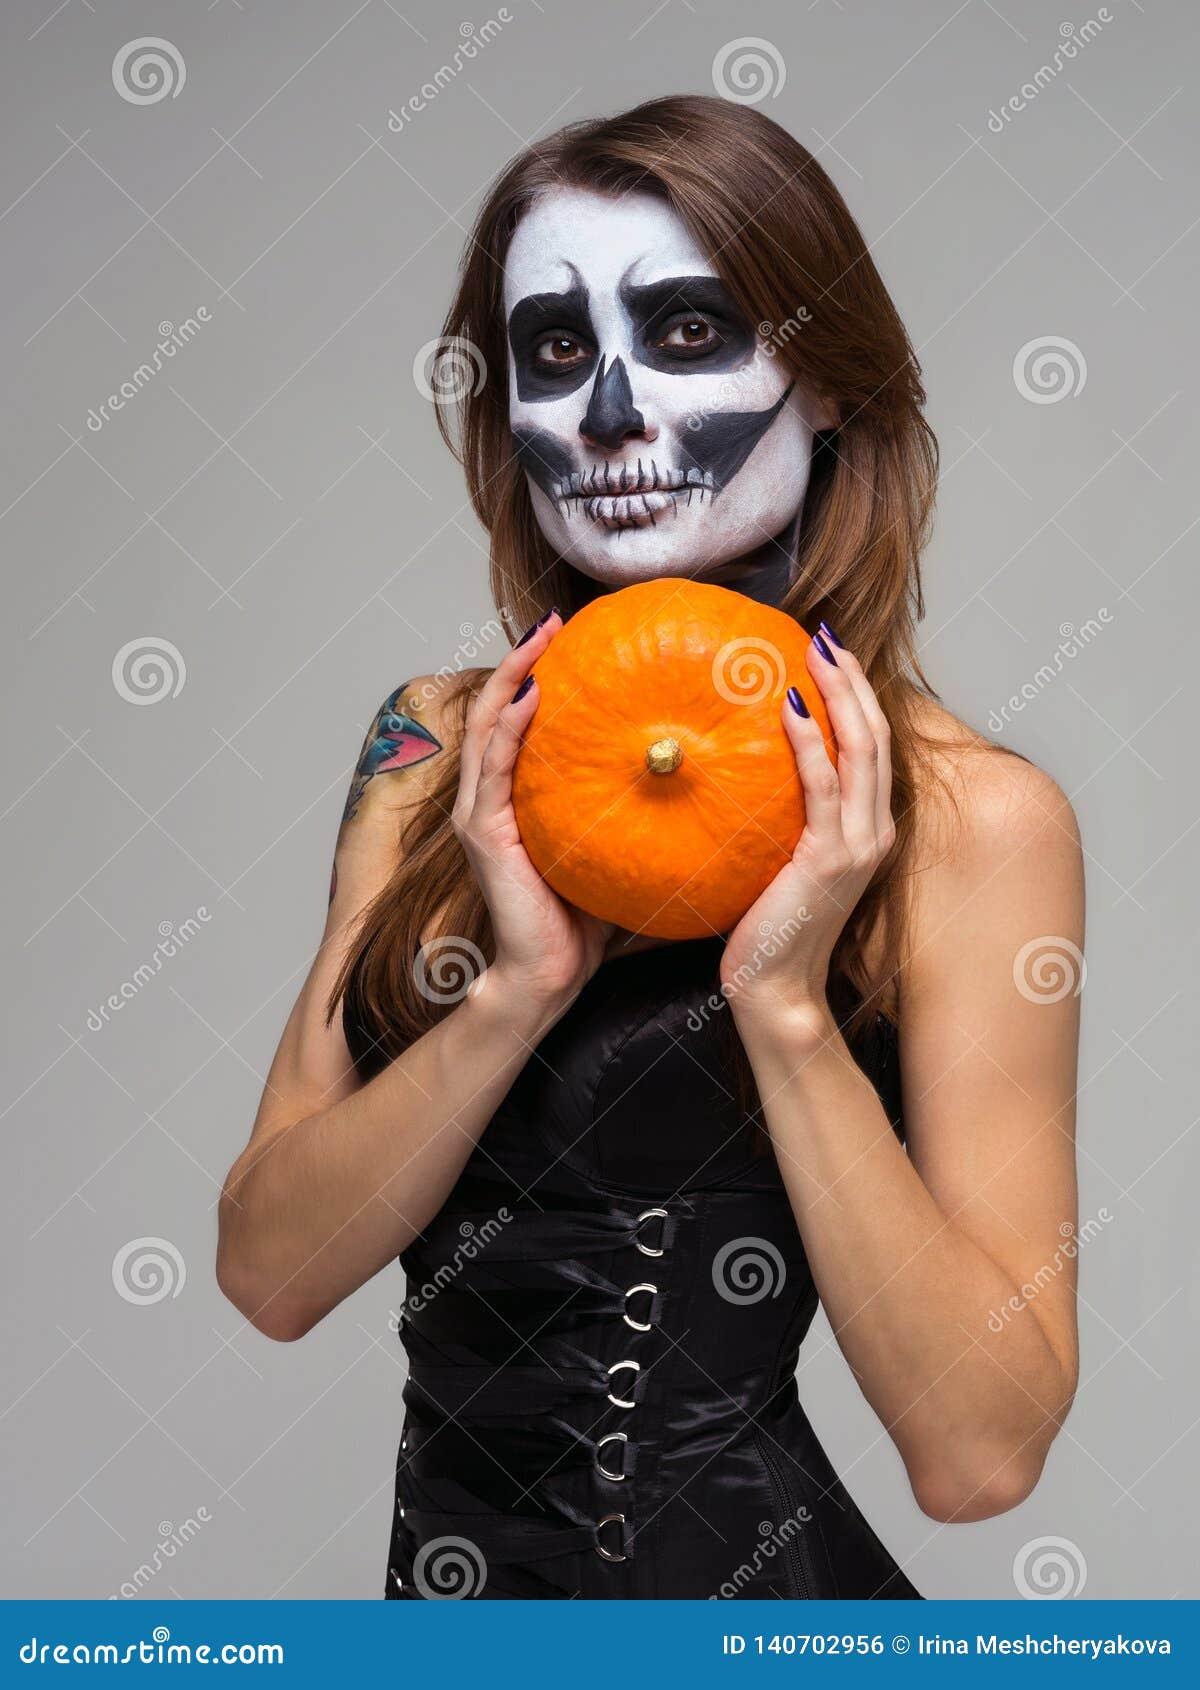 Porträt der Frau mit skeleton Make-up Halloweens, das Kürbis über grauem Hintergrund hält